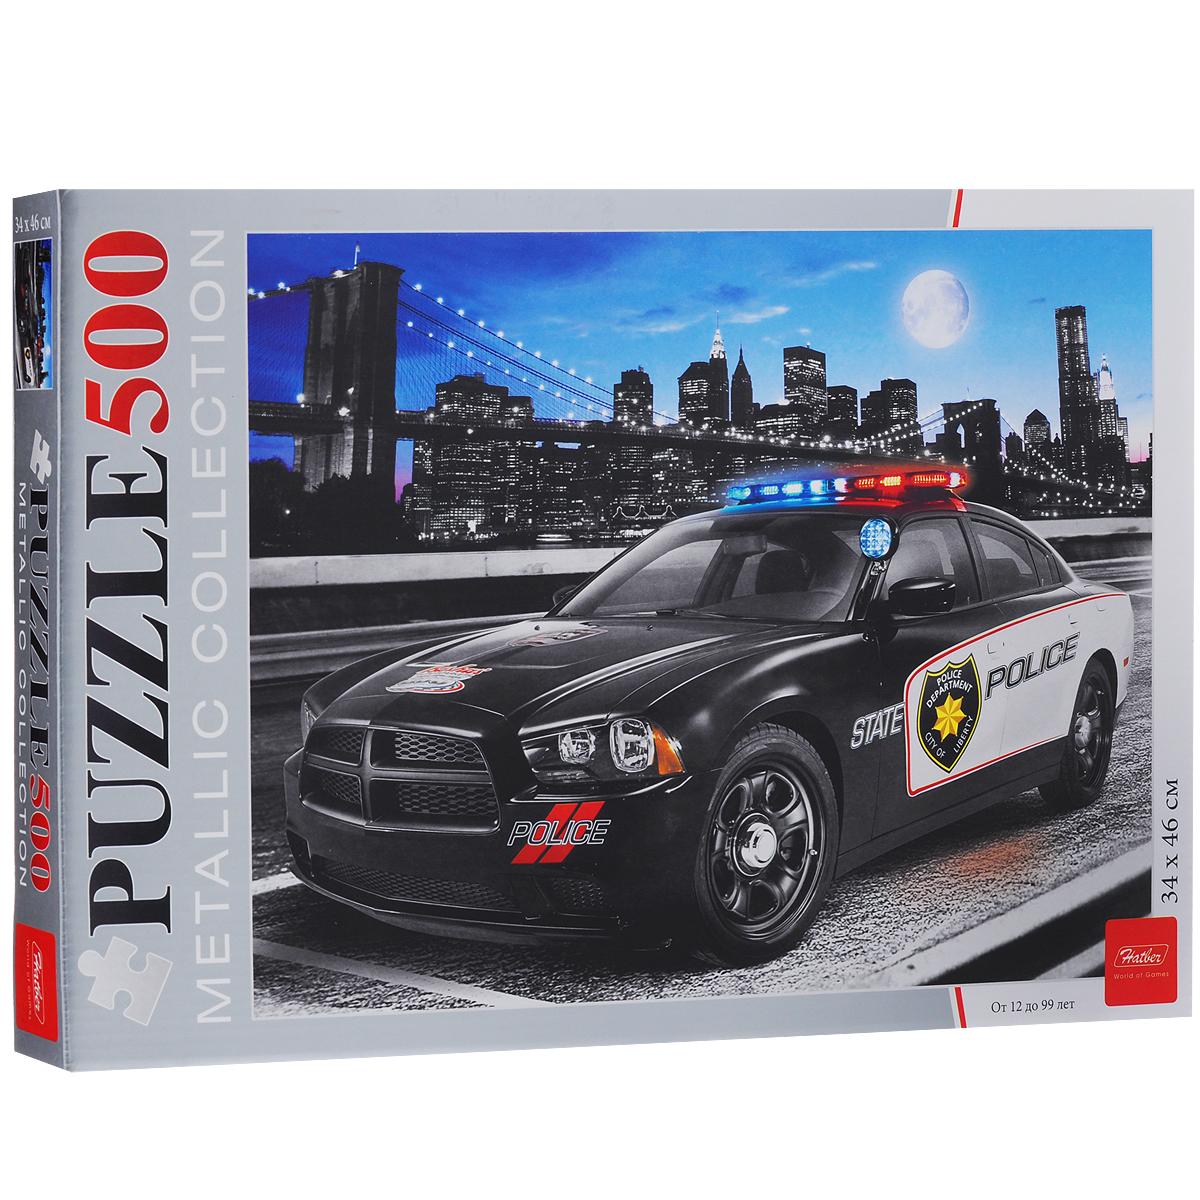 Городская полиция. Пазл, 500 элементов